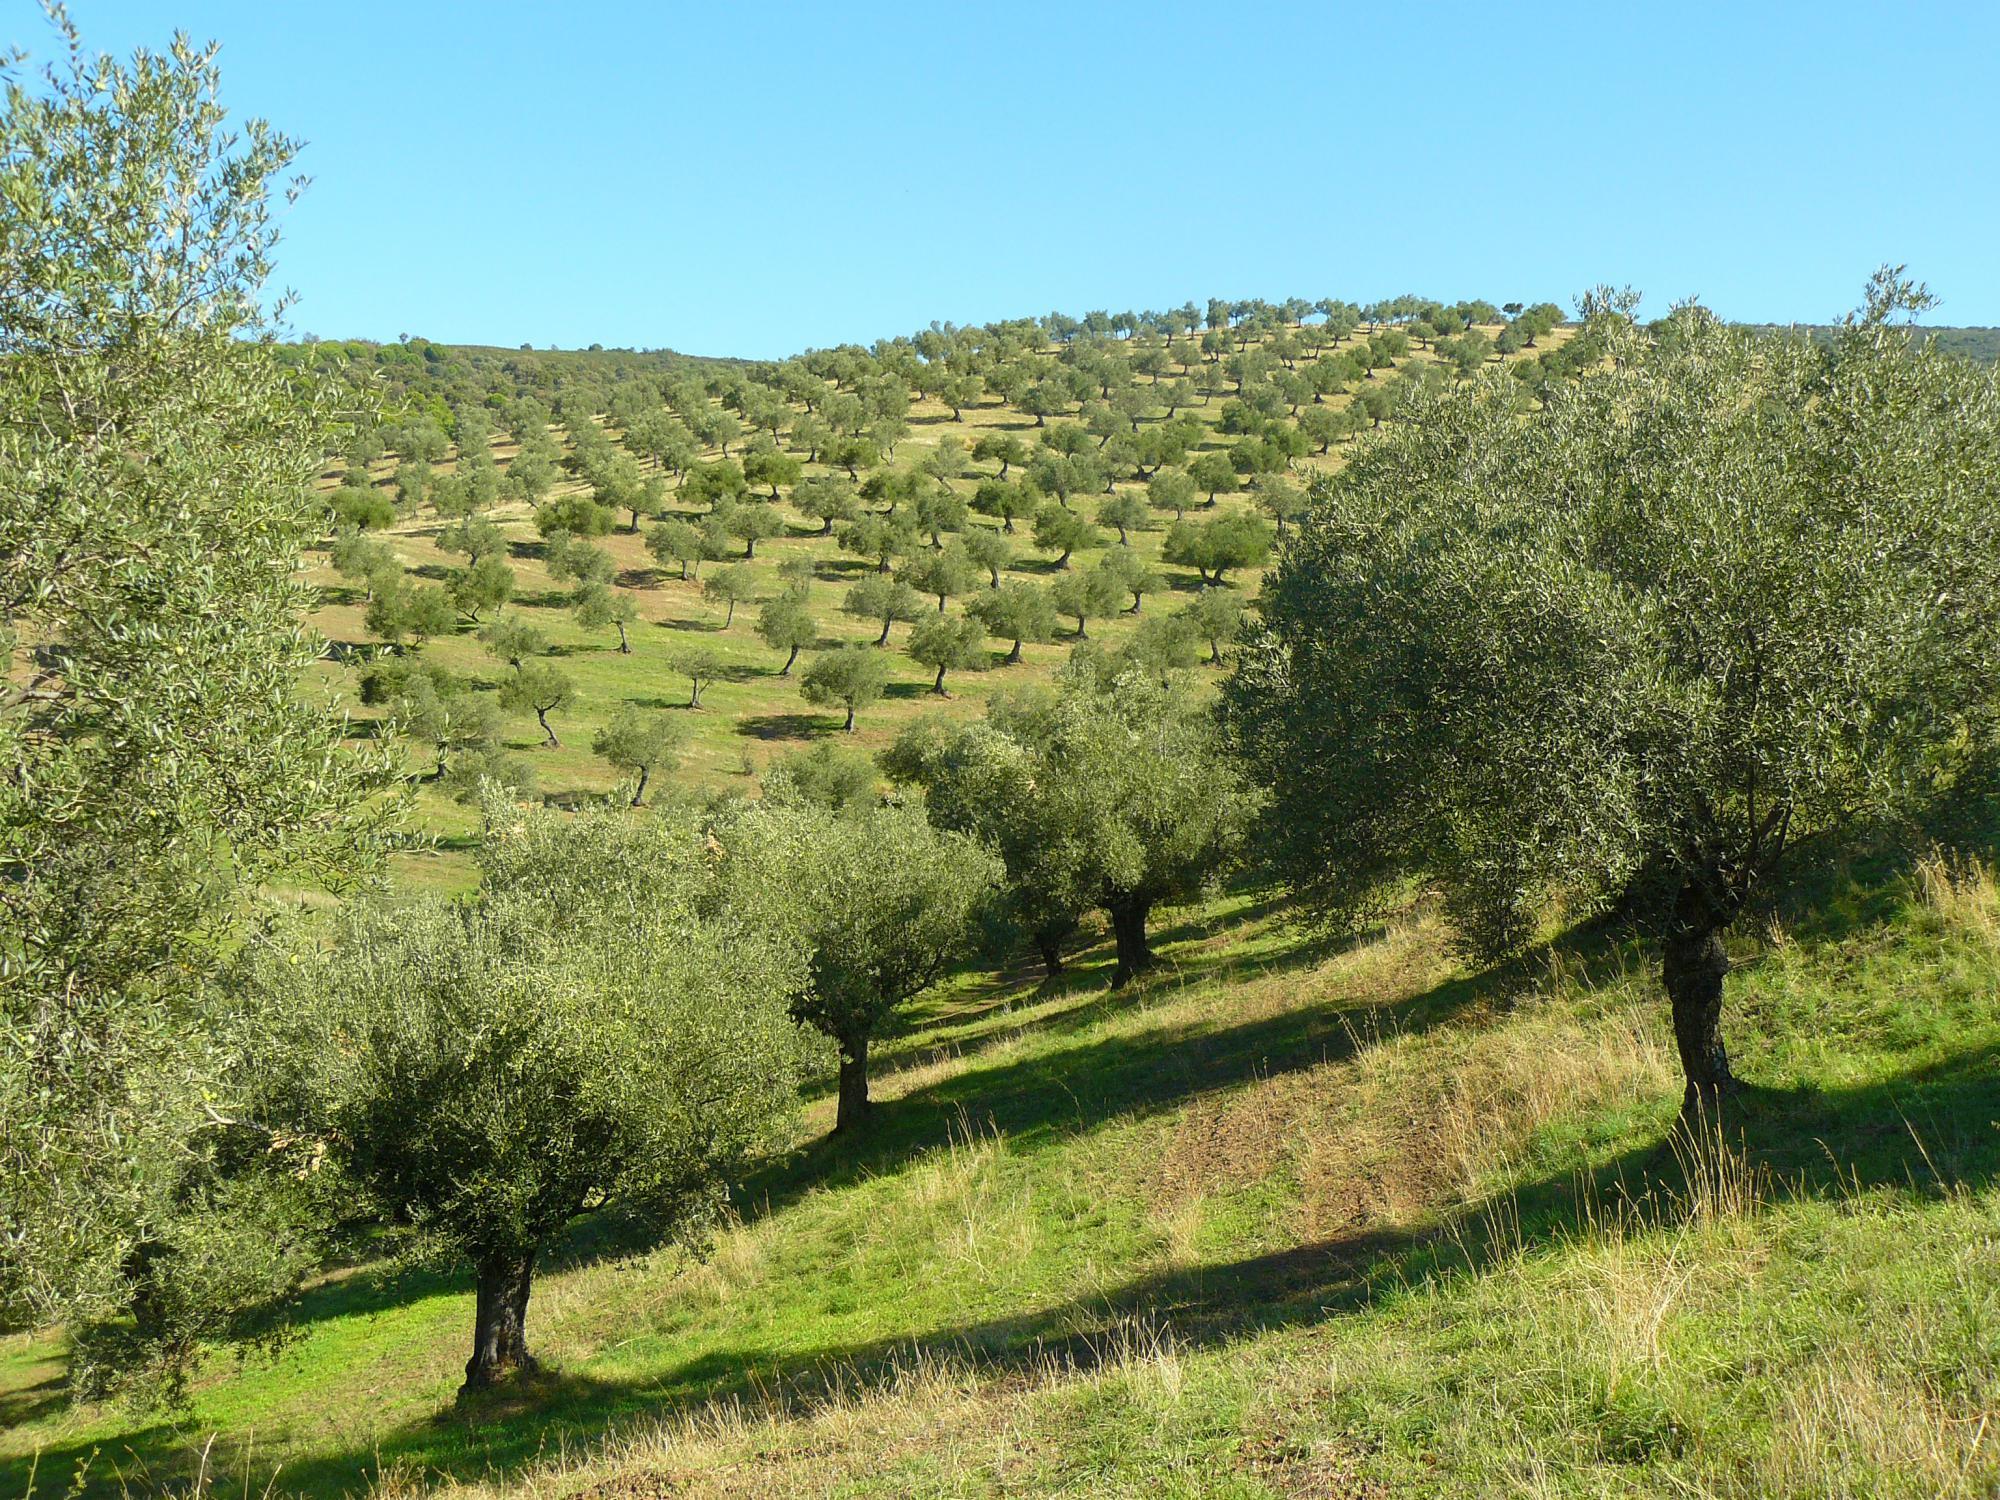 WWF España: es urgente gestionar mejor dehesas y olivares de montaña